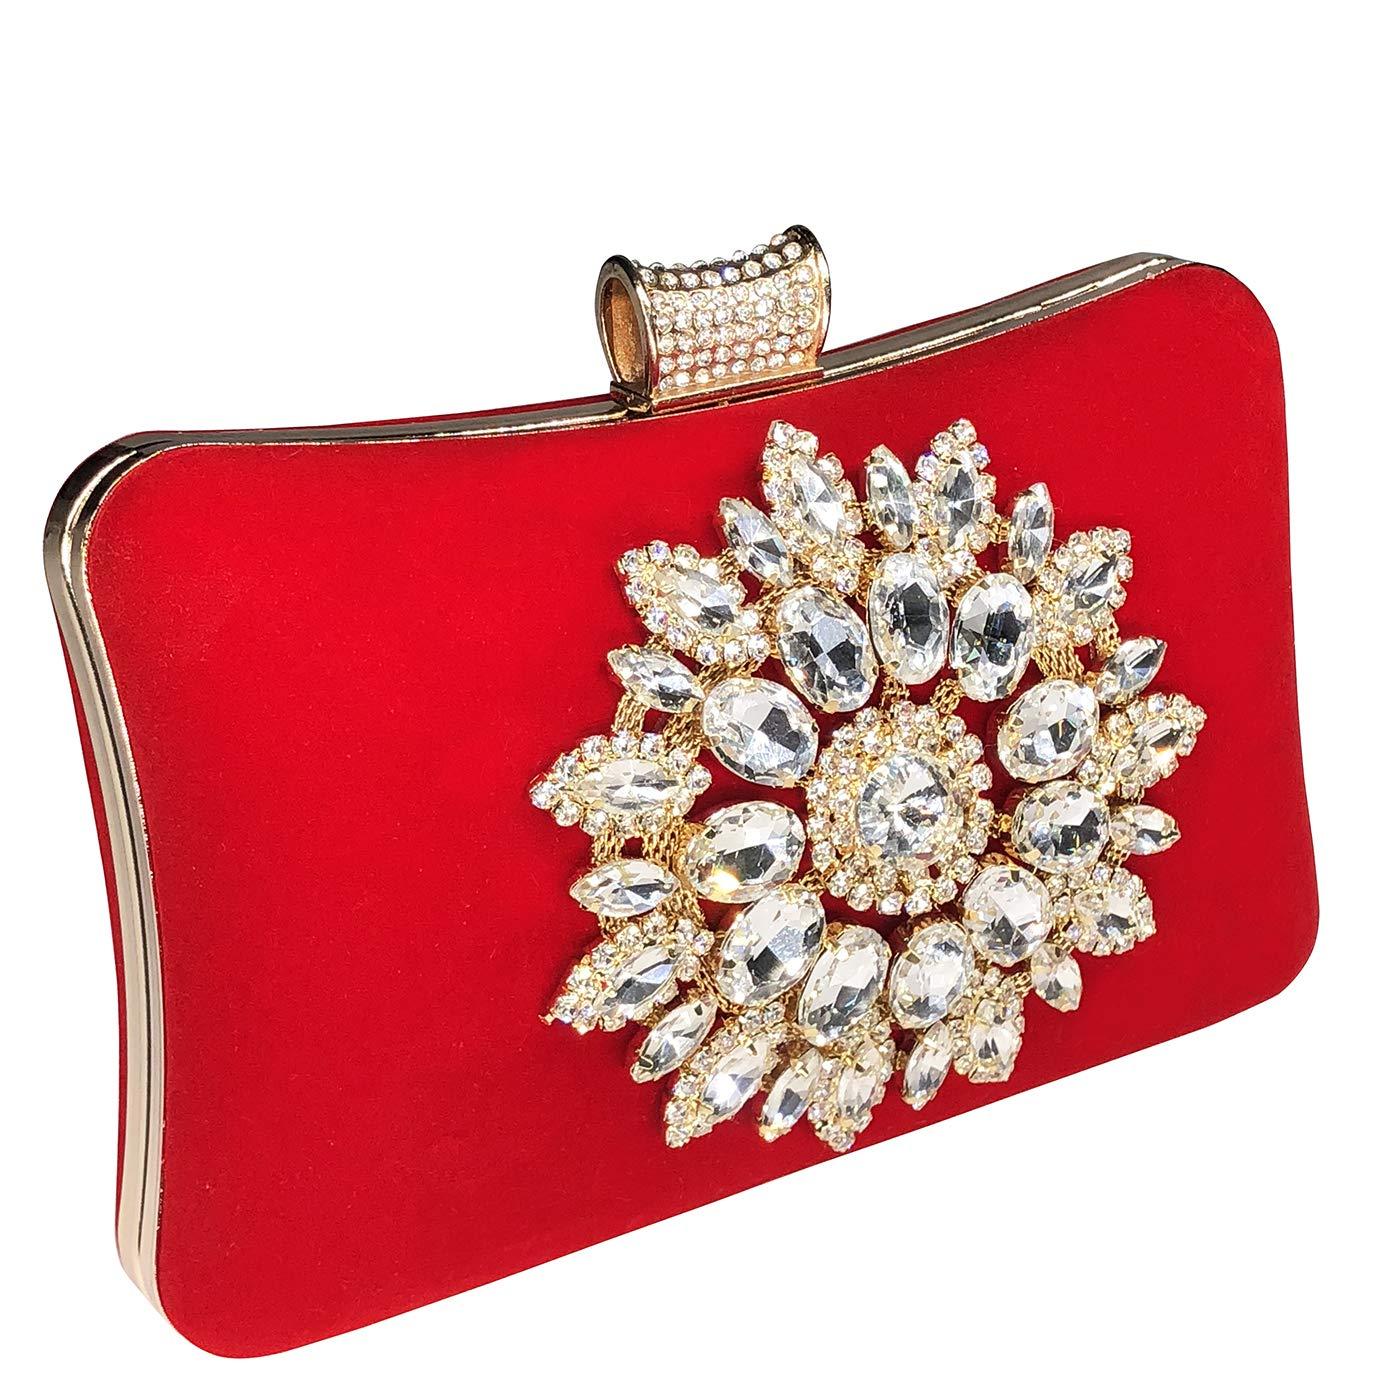 Bolso De Las Mujeres Diamante Bolso De Noche Clutch Bag Billetera Embrague Bolsos De Mano: Amazon.es: Equipaje